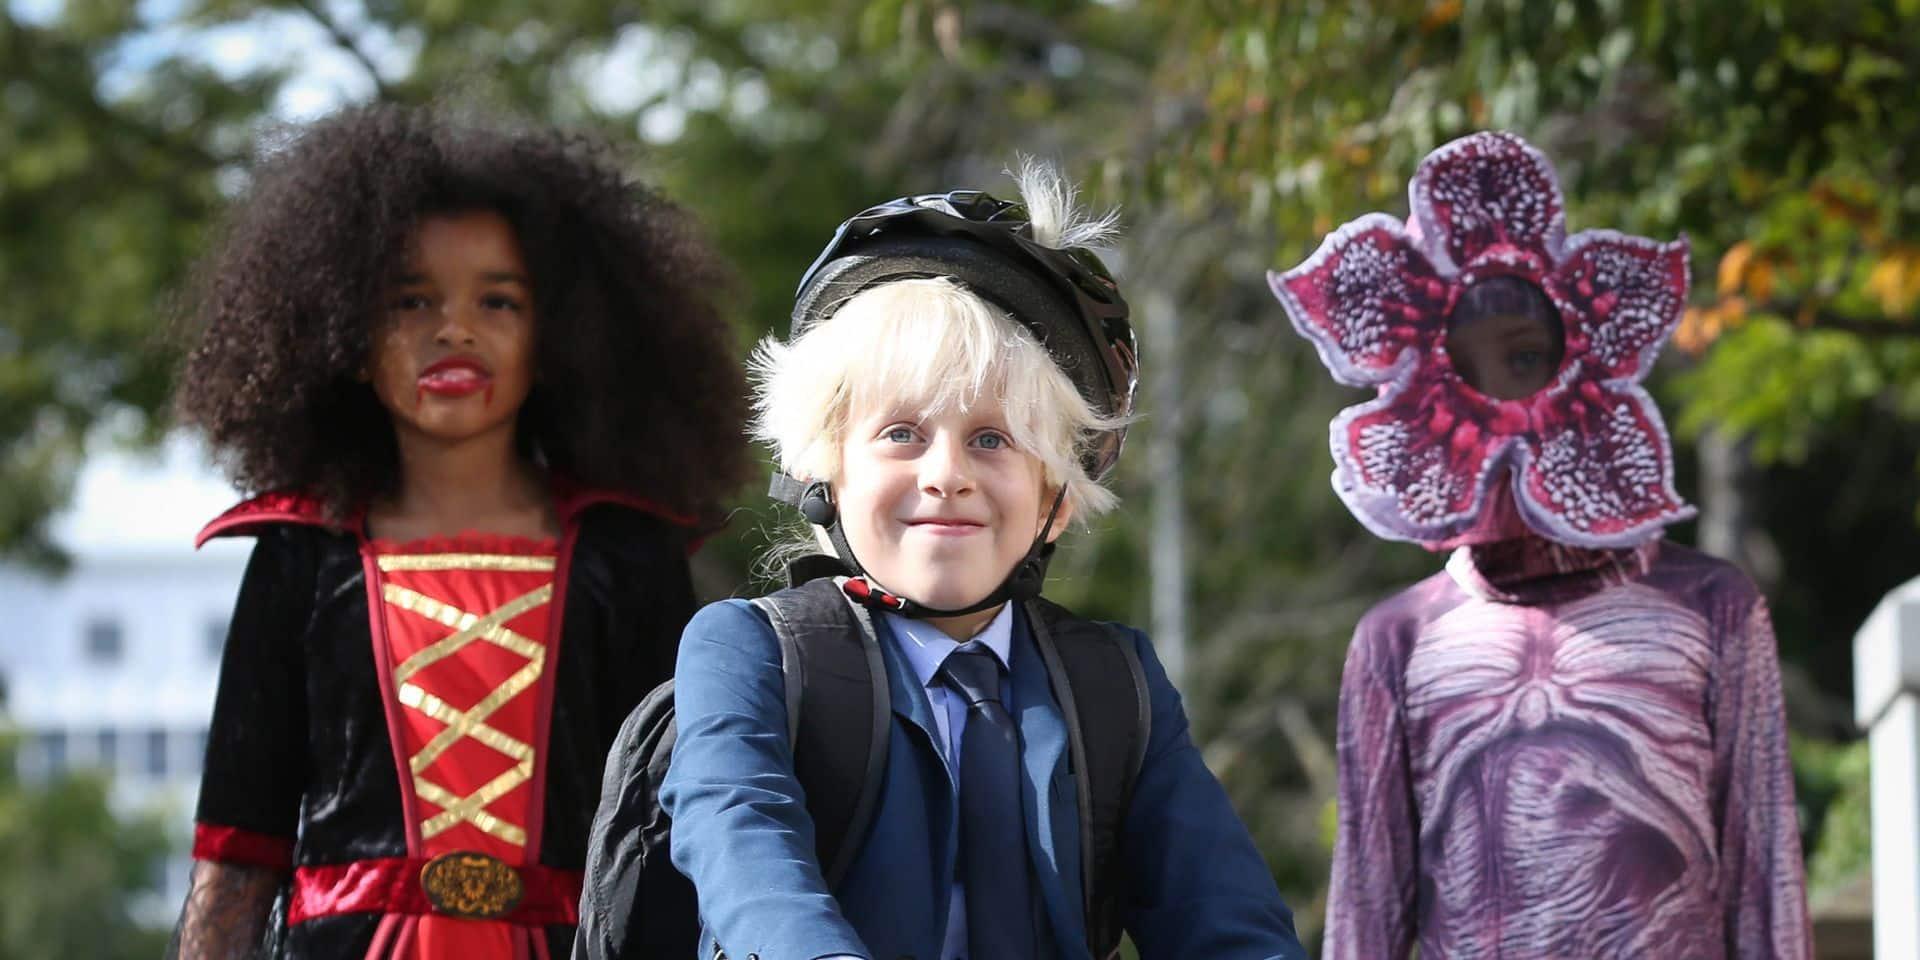 Le déguisement à la mode pour Halloween ? Le terrifiant Boris Johnson et son Brexit !